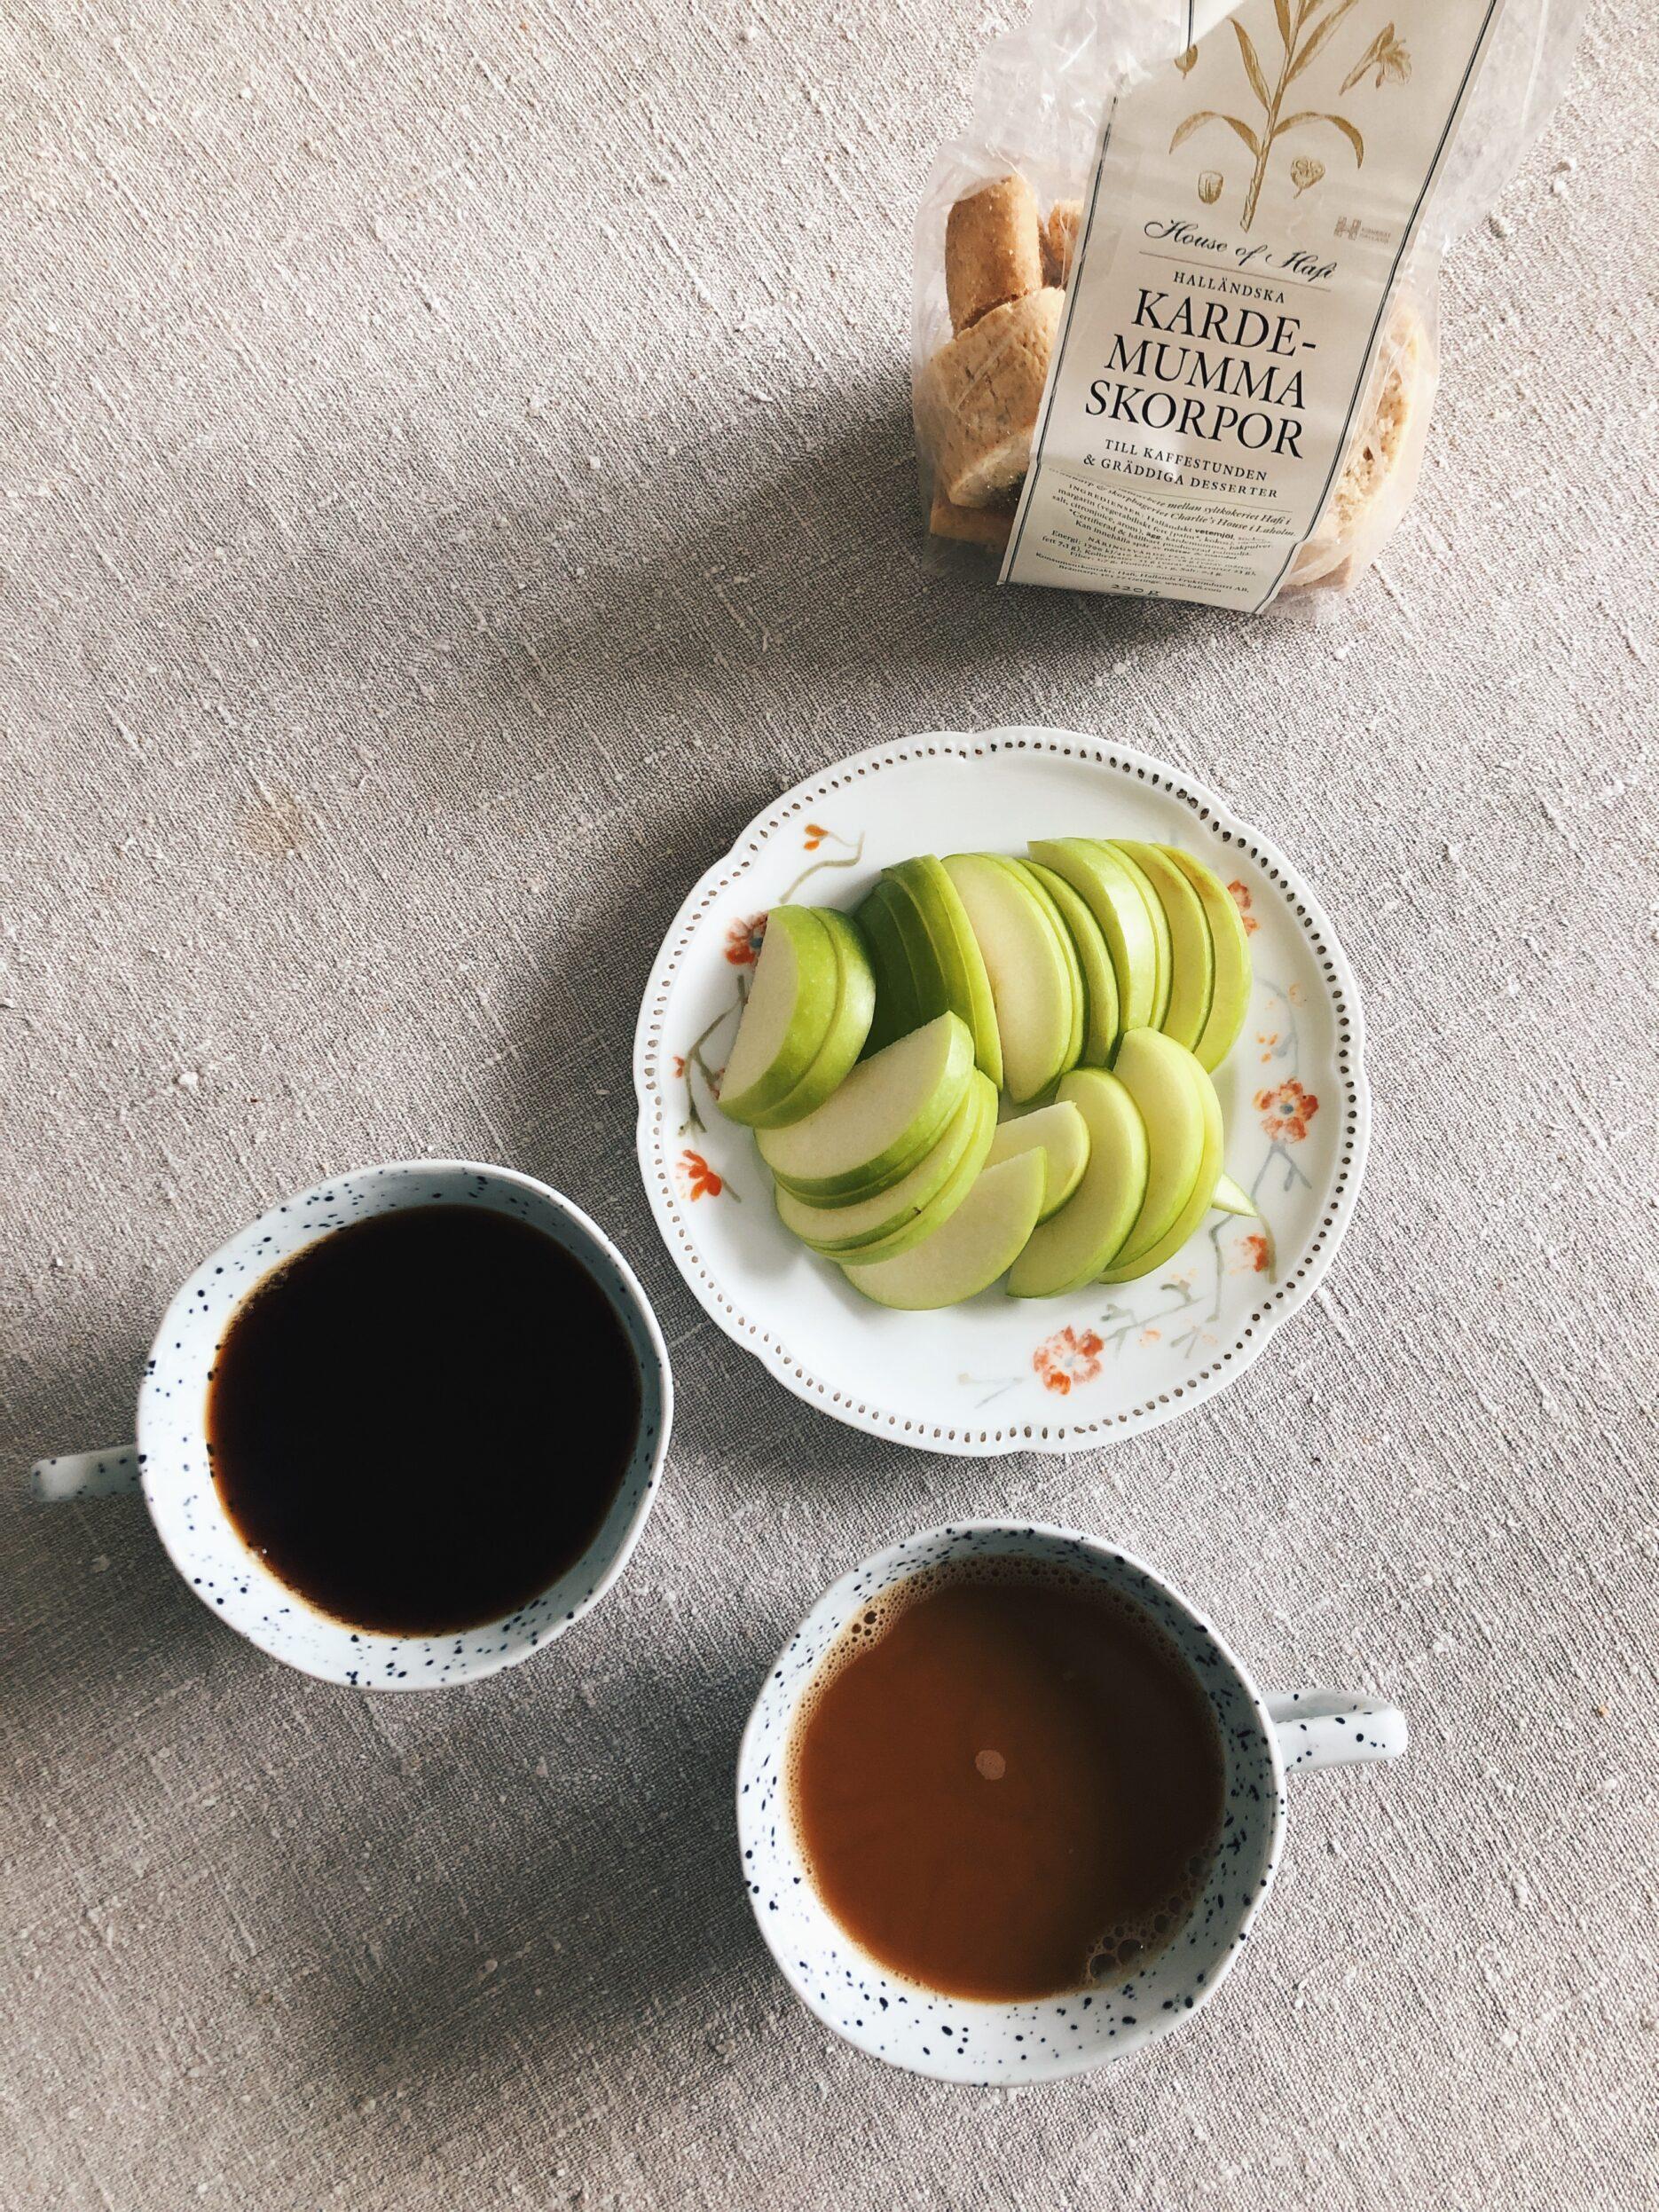 Två kaffekoppar, uppskuret grönt äpple och kardemumma skorpor.